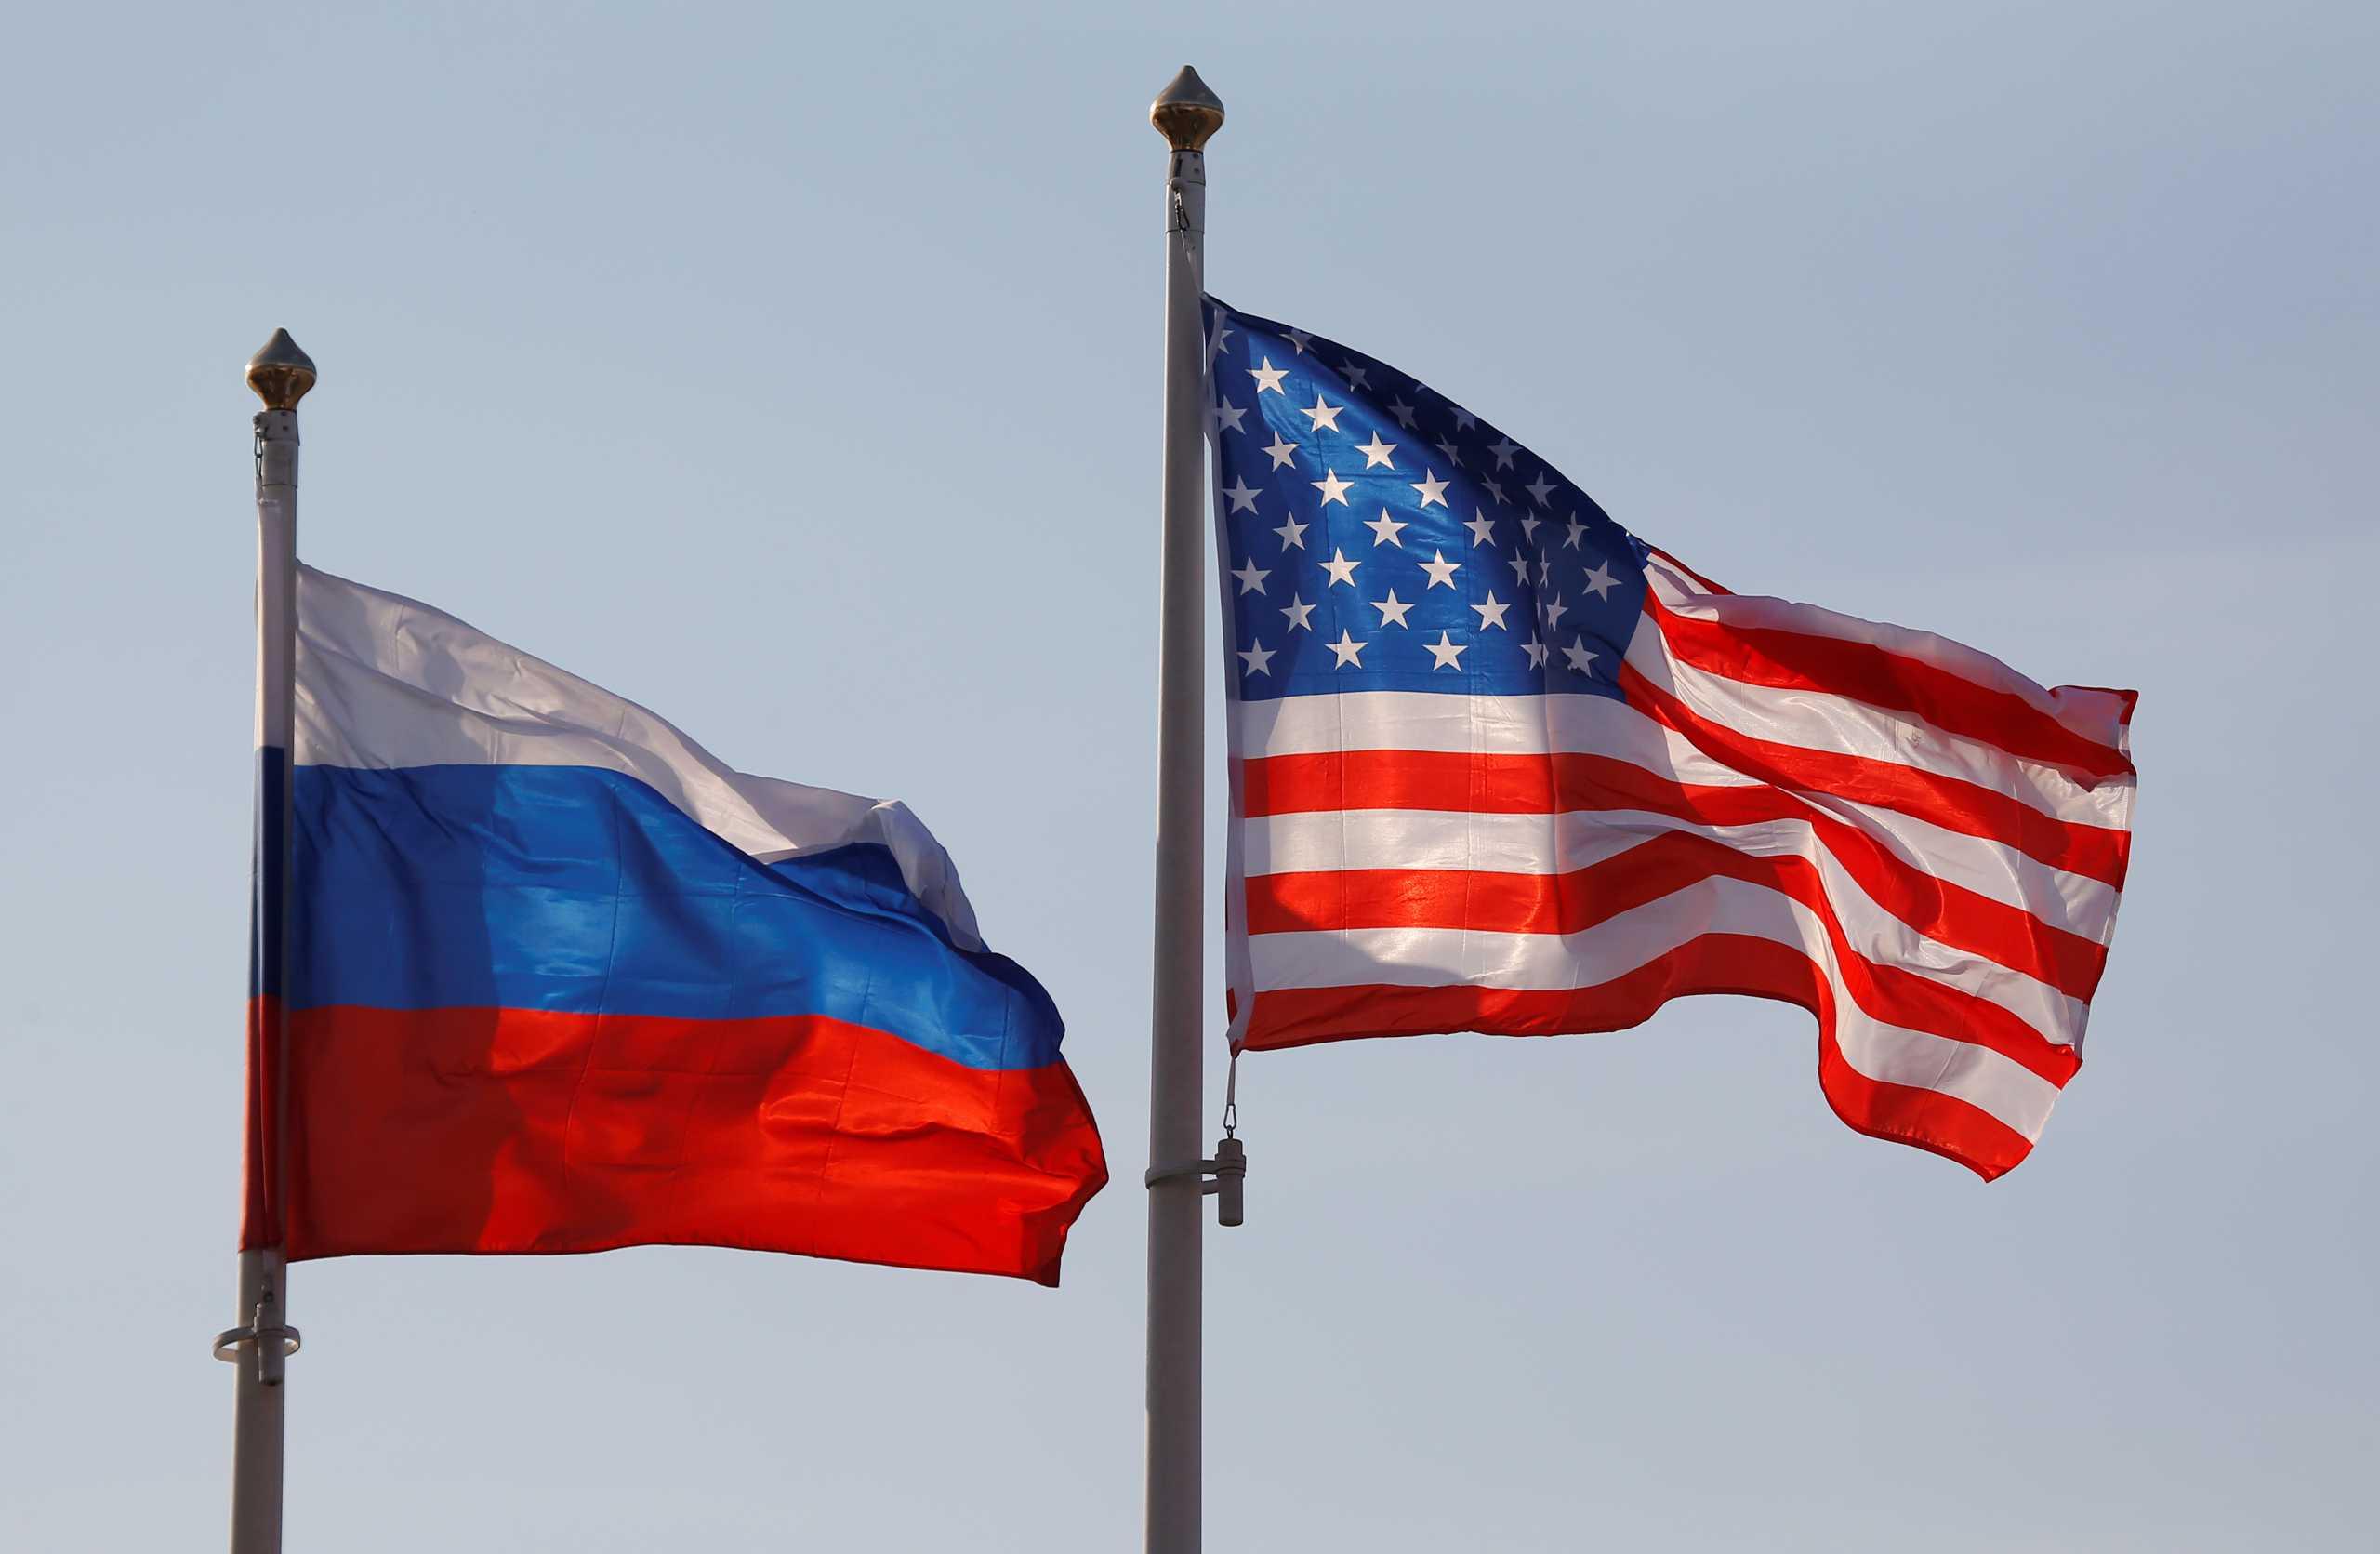 ΗΠΑ: Γερουσιαστές ζητούν να απελαθούν 300 Ρώσοι διπλωμάτες